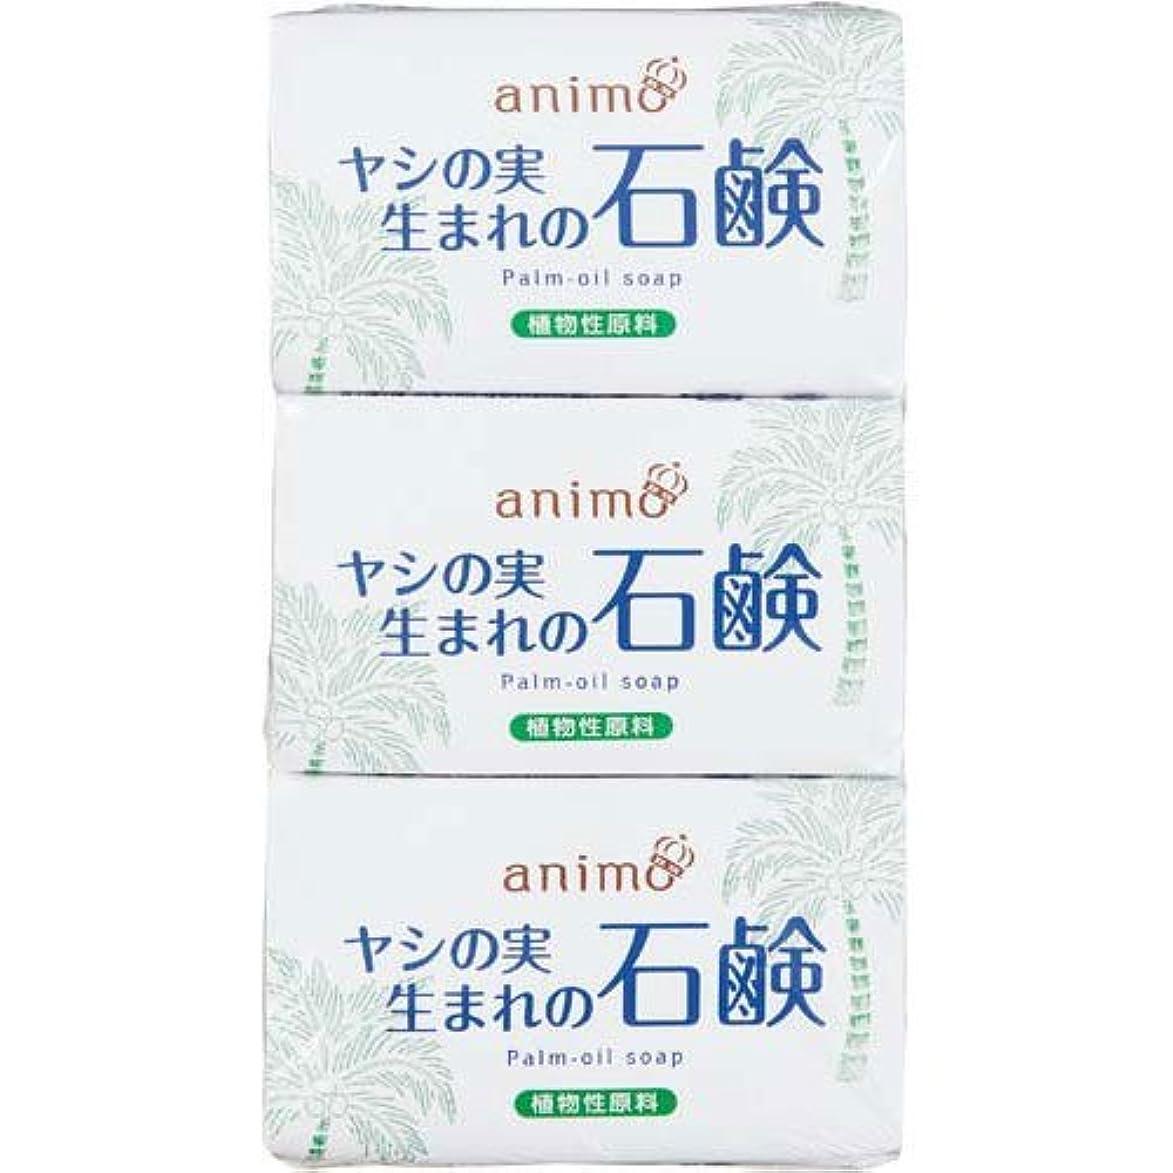 ギネス数学専門用語ロケット石鹸 ヤシの実石鹸 80g×3個×5パック